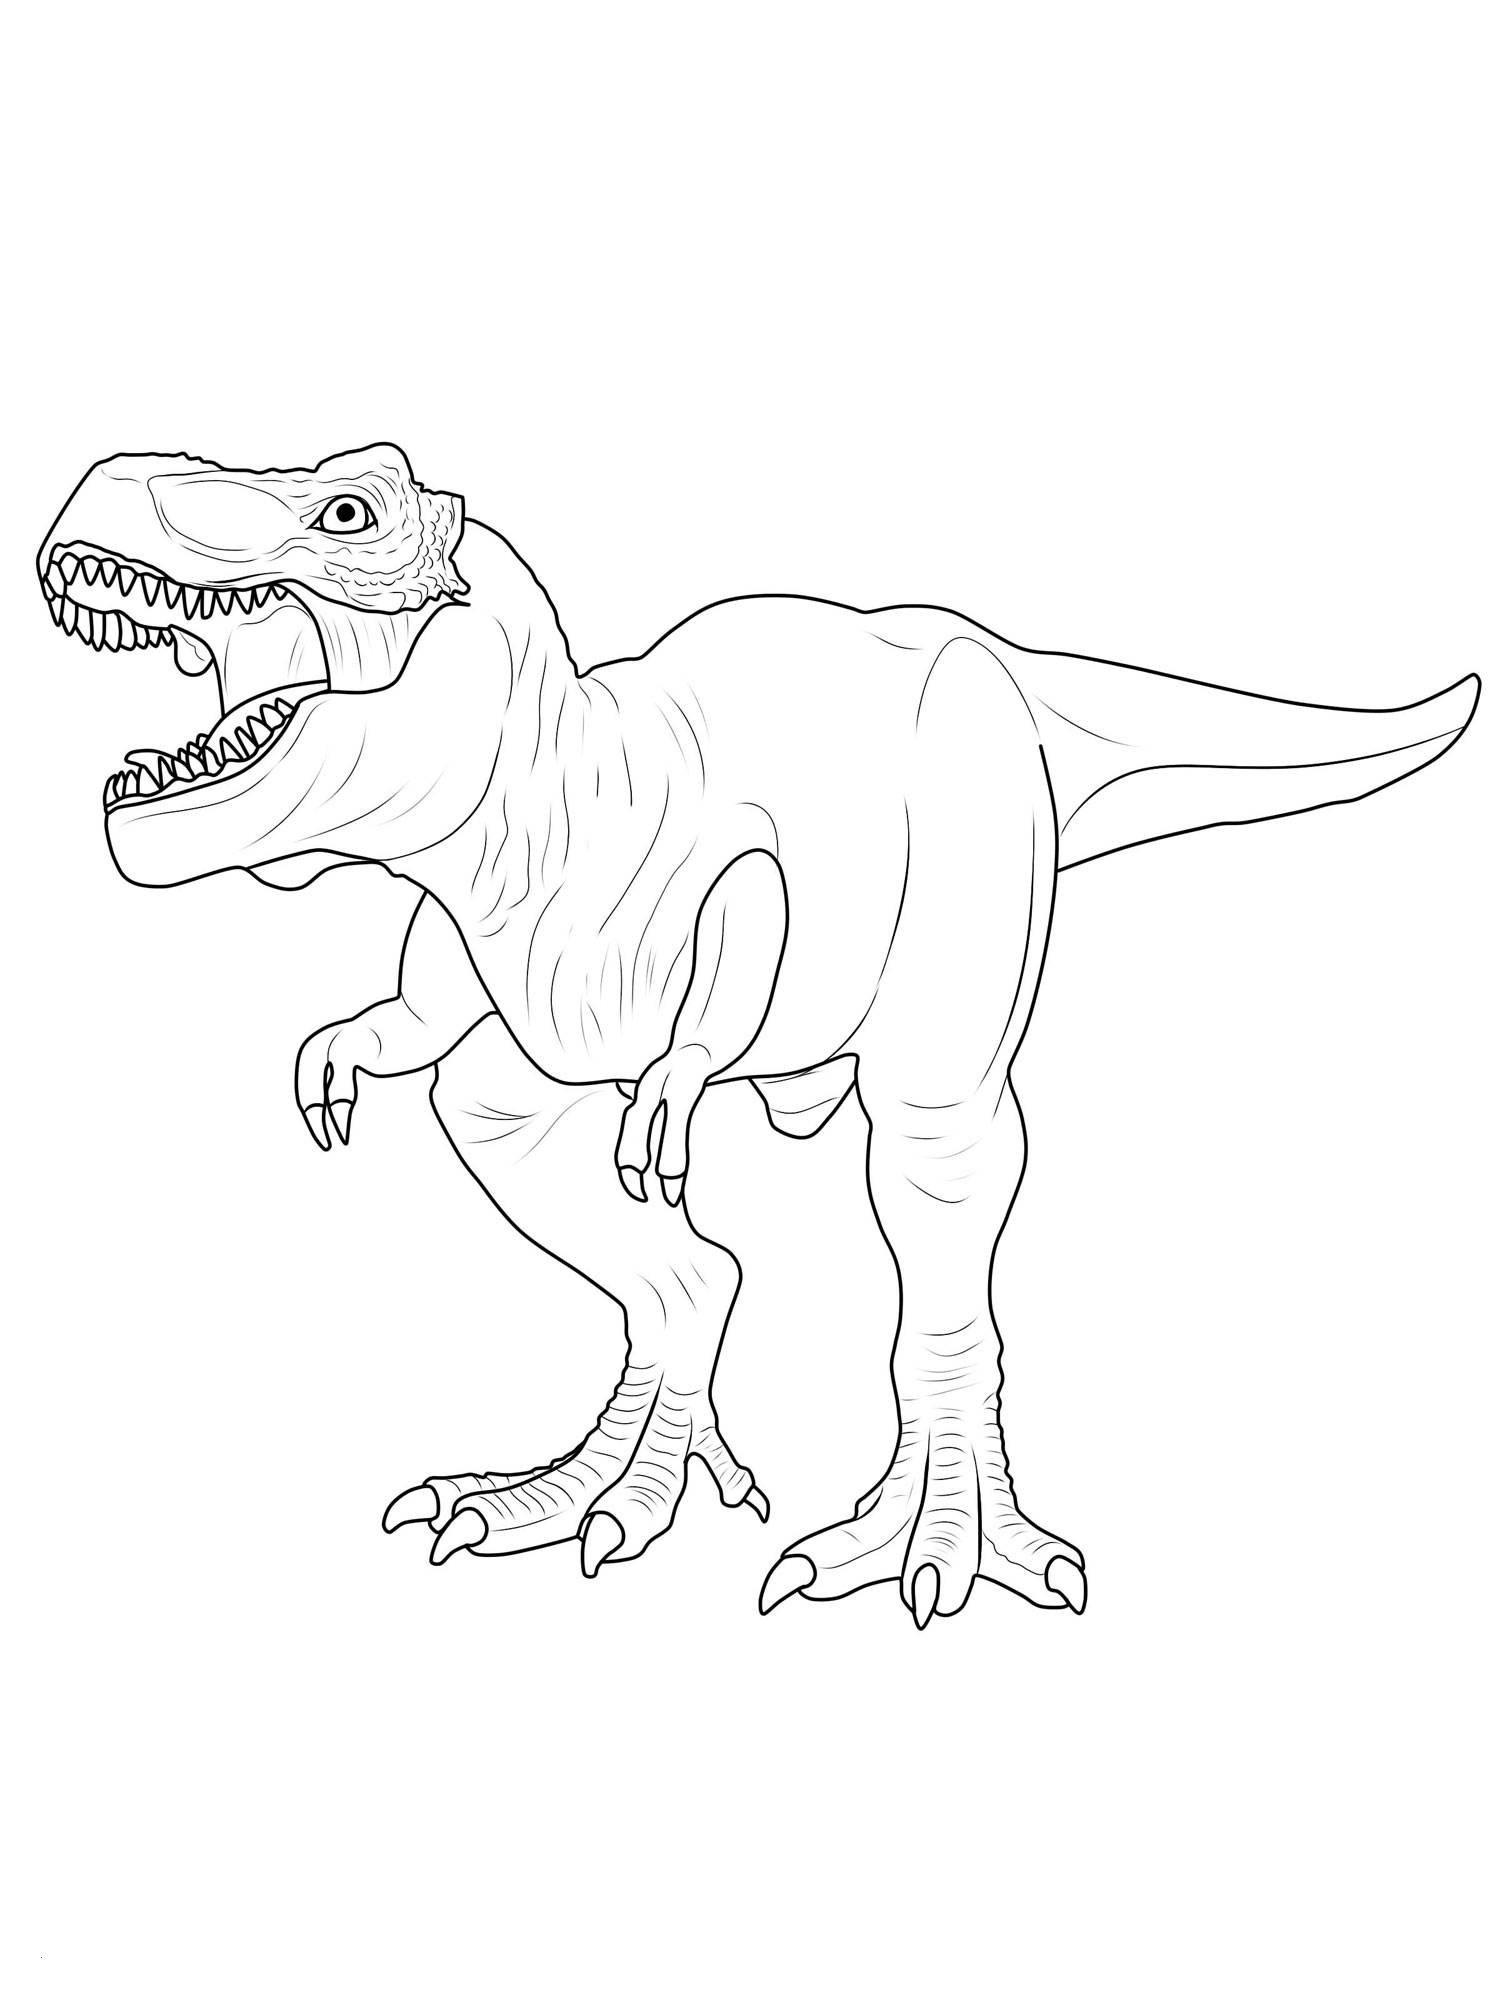 Malvorlage Dino Skelett - Kostenlose Malvorlagen Ideen